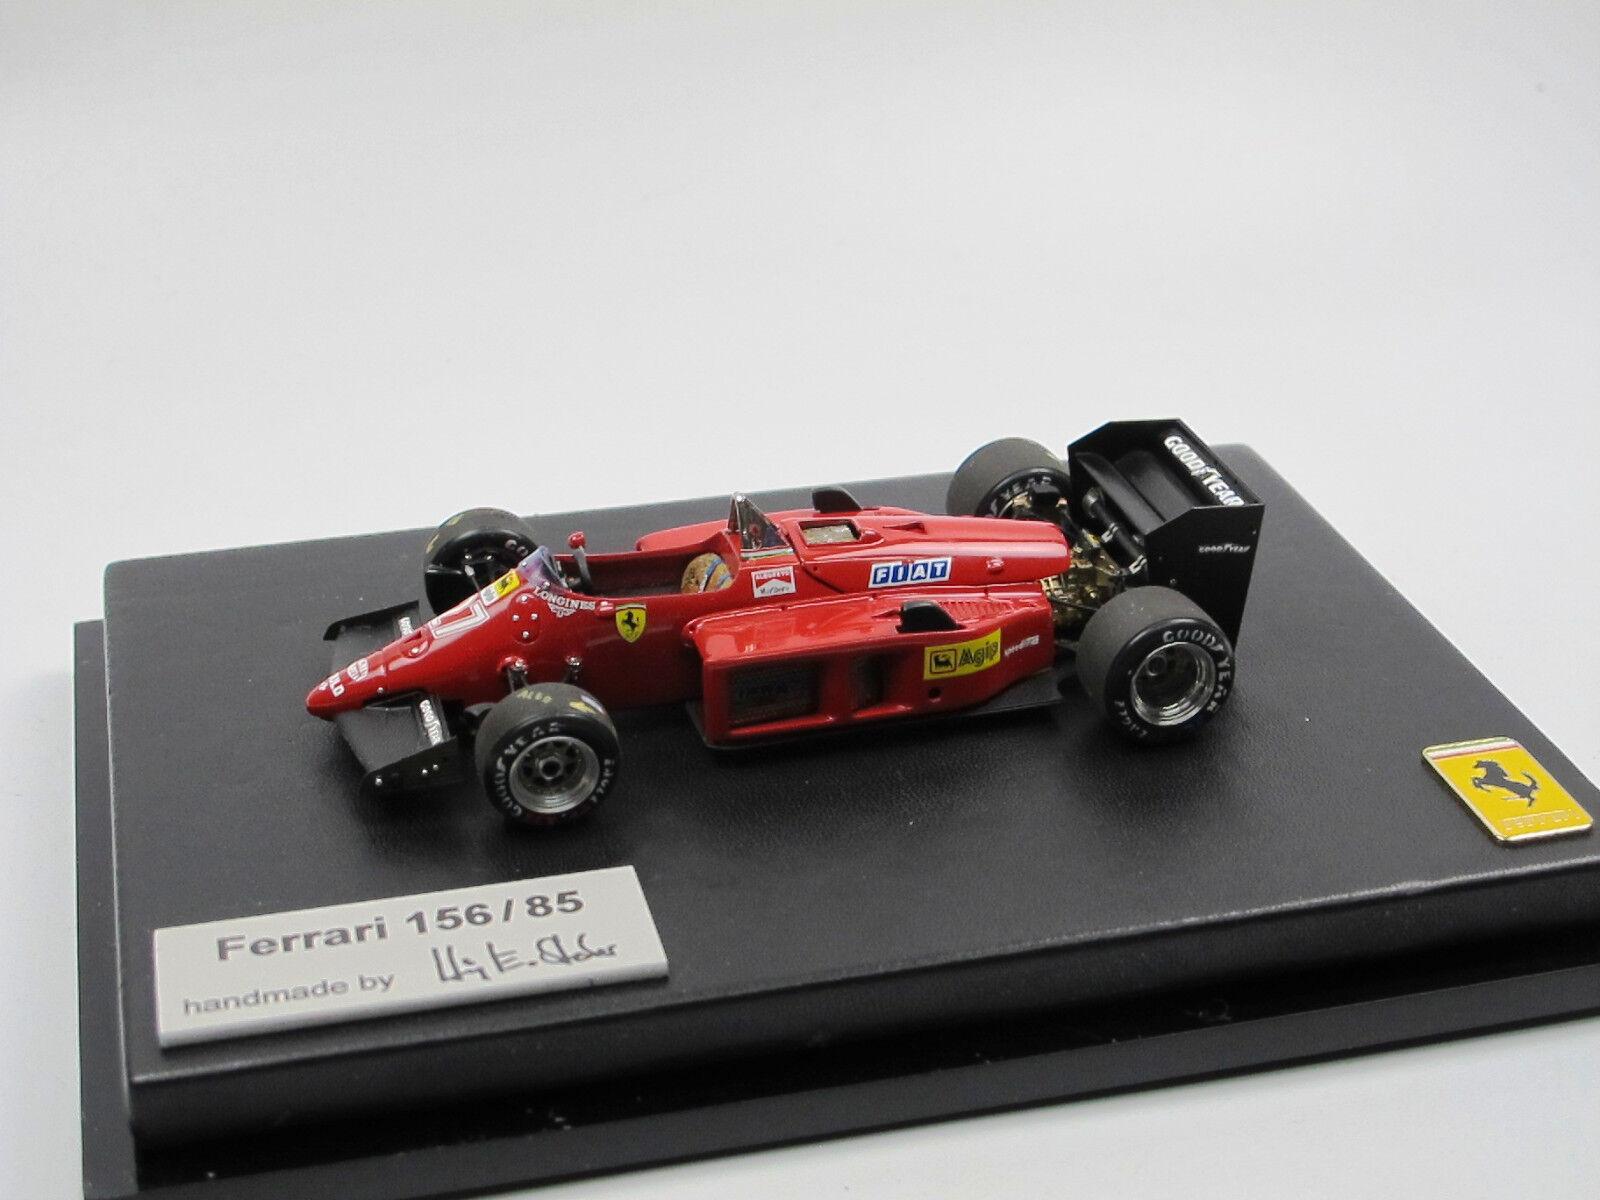 BOSICA FERRARI 156 85 GP Monza 1985  27 1 43 construit par Steber High Tech Modèle